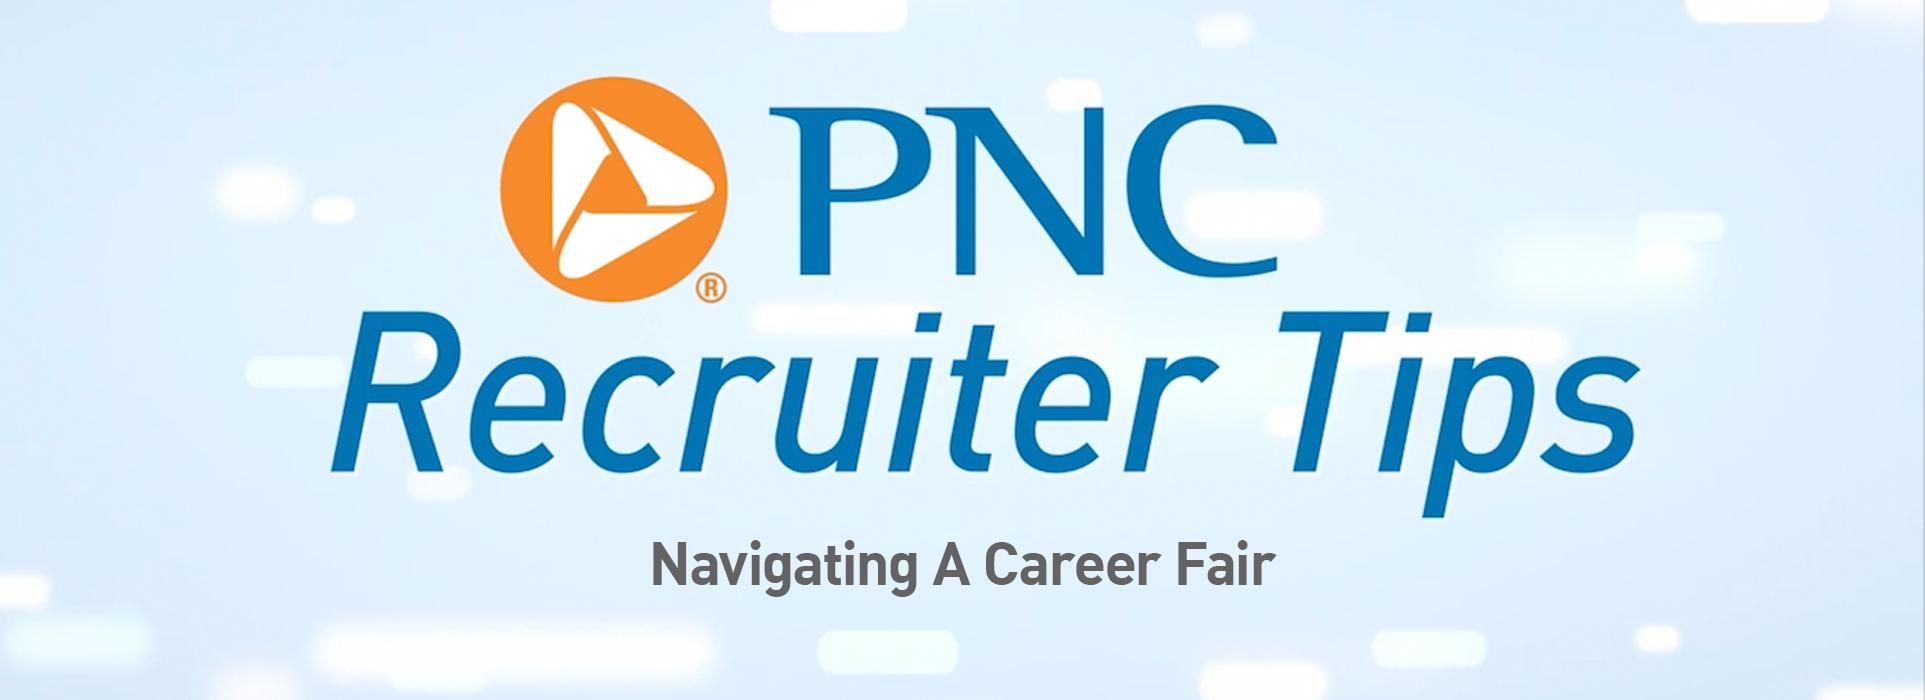 PNC Recruiter Tips: Navigating a Career Fair